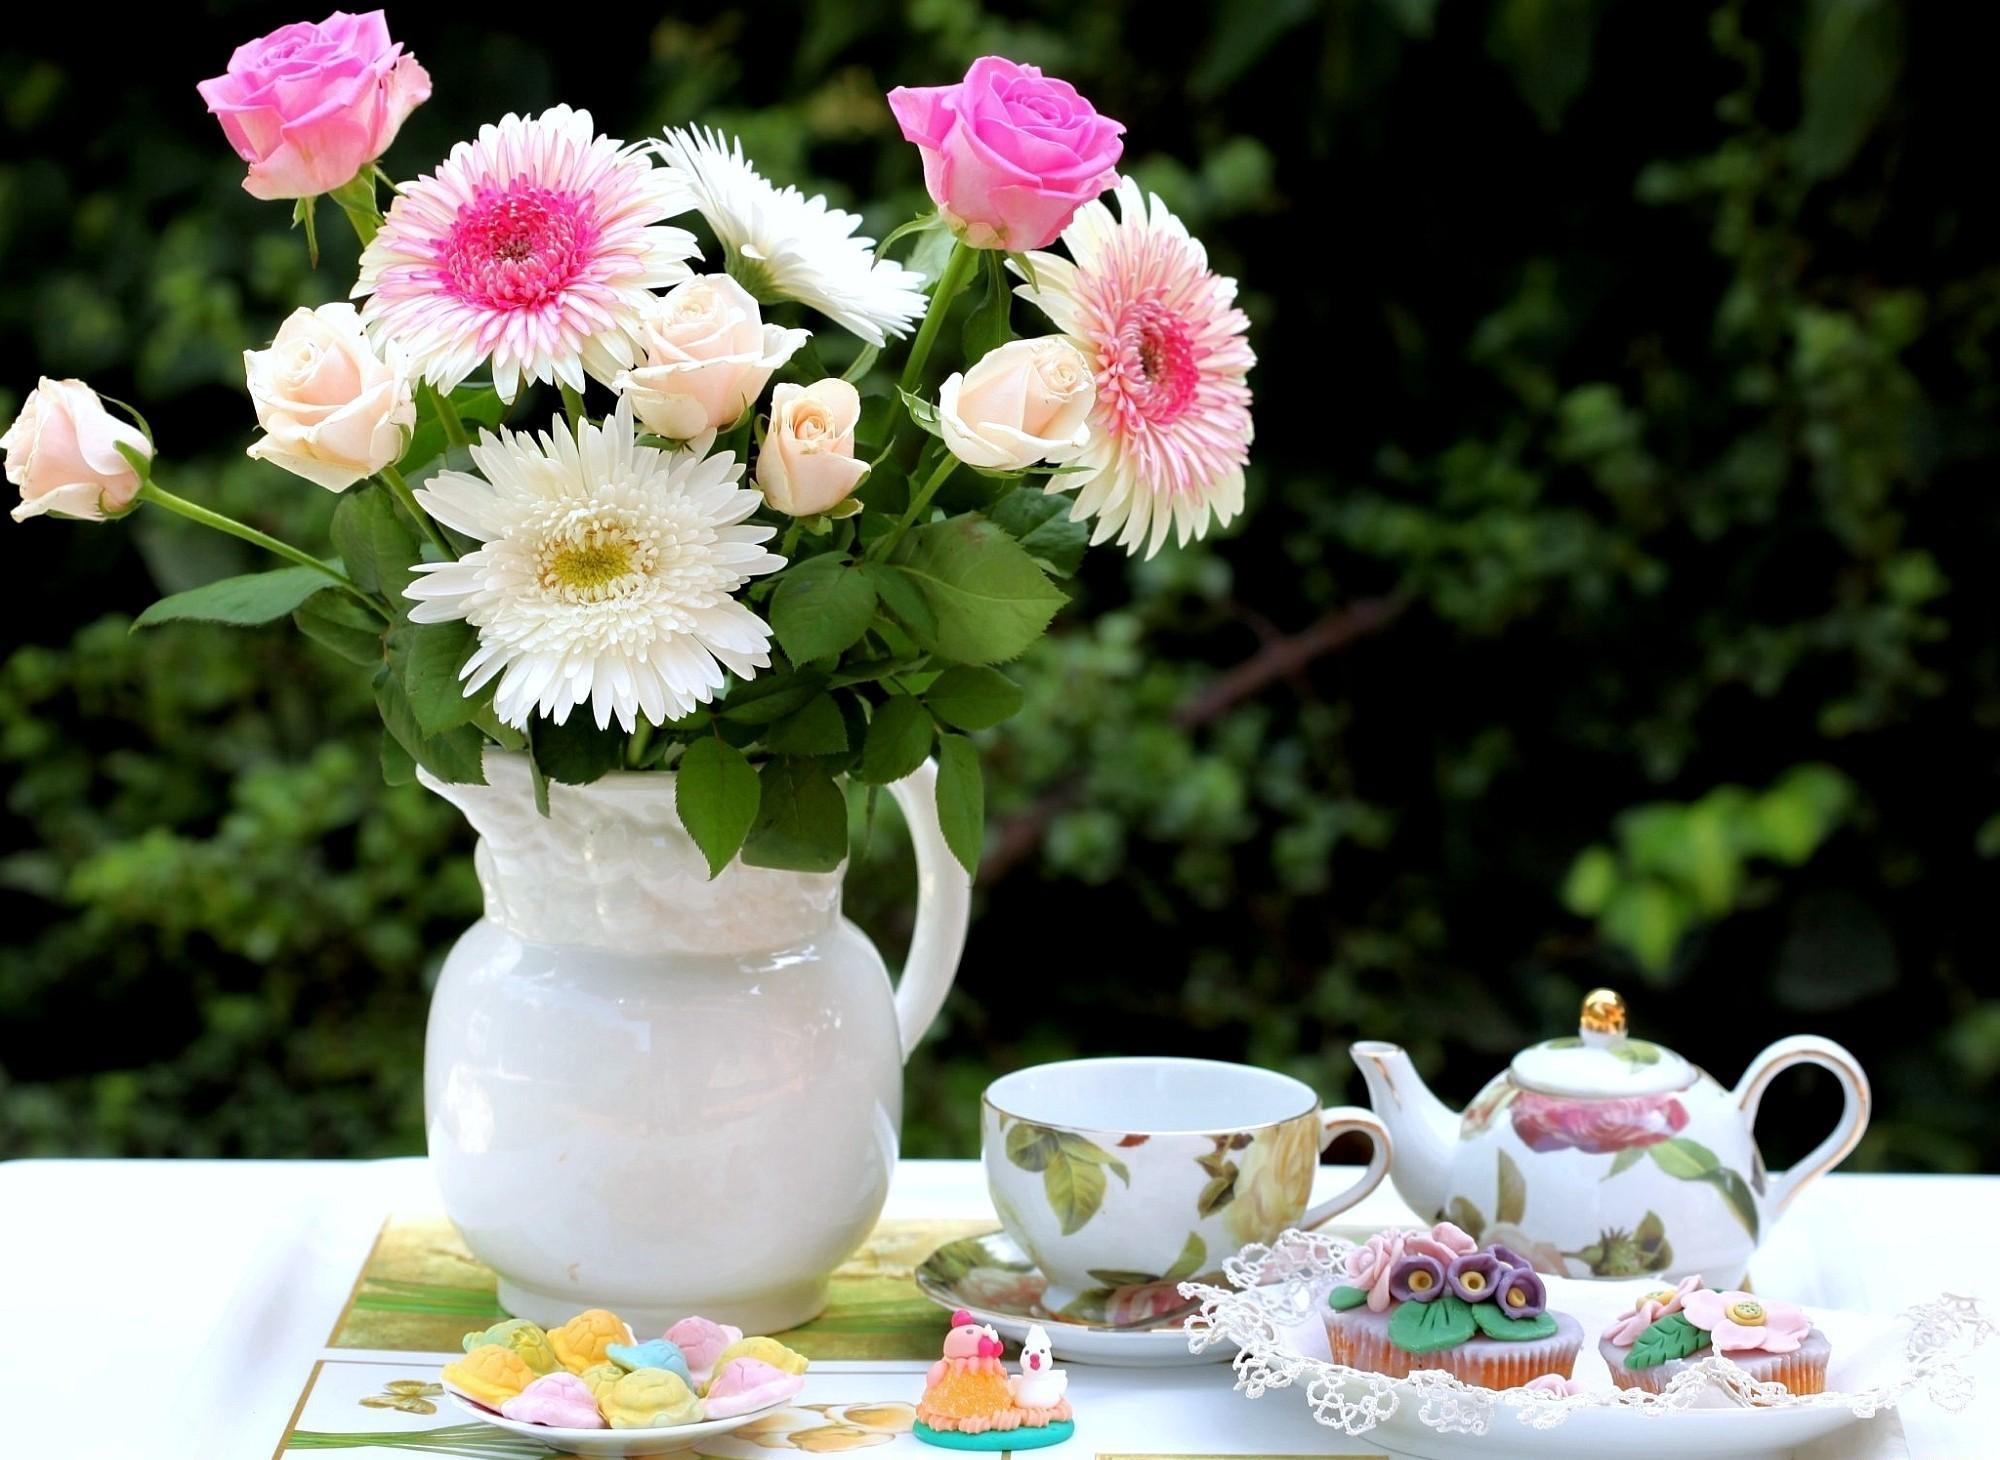 предпочел, красивые фото цветов доброго утра москве их